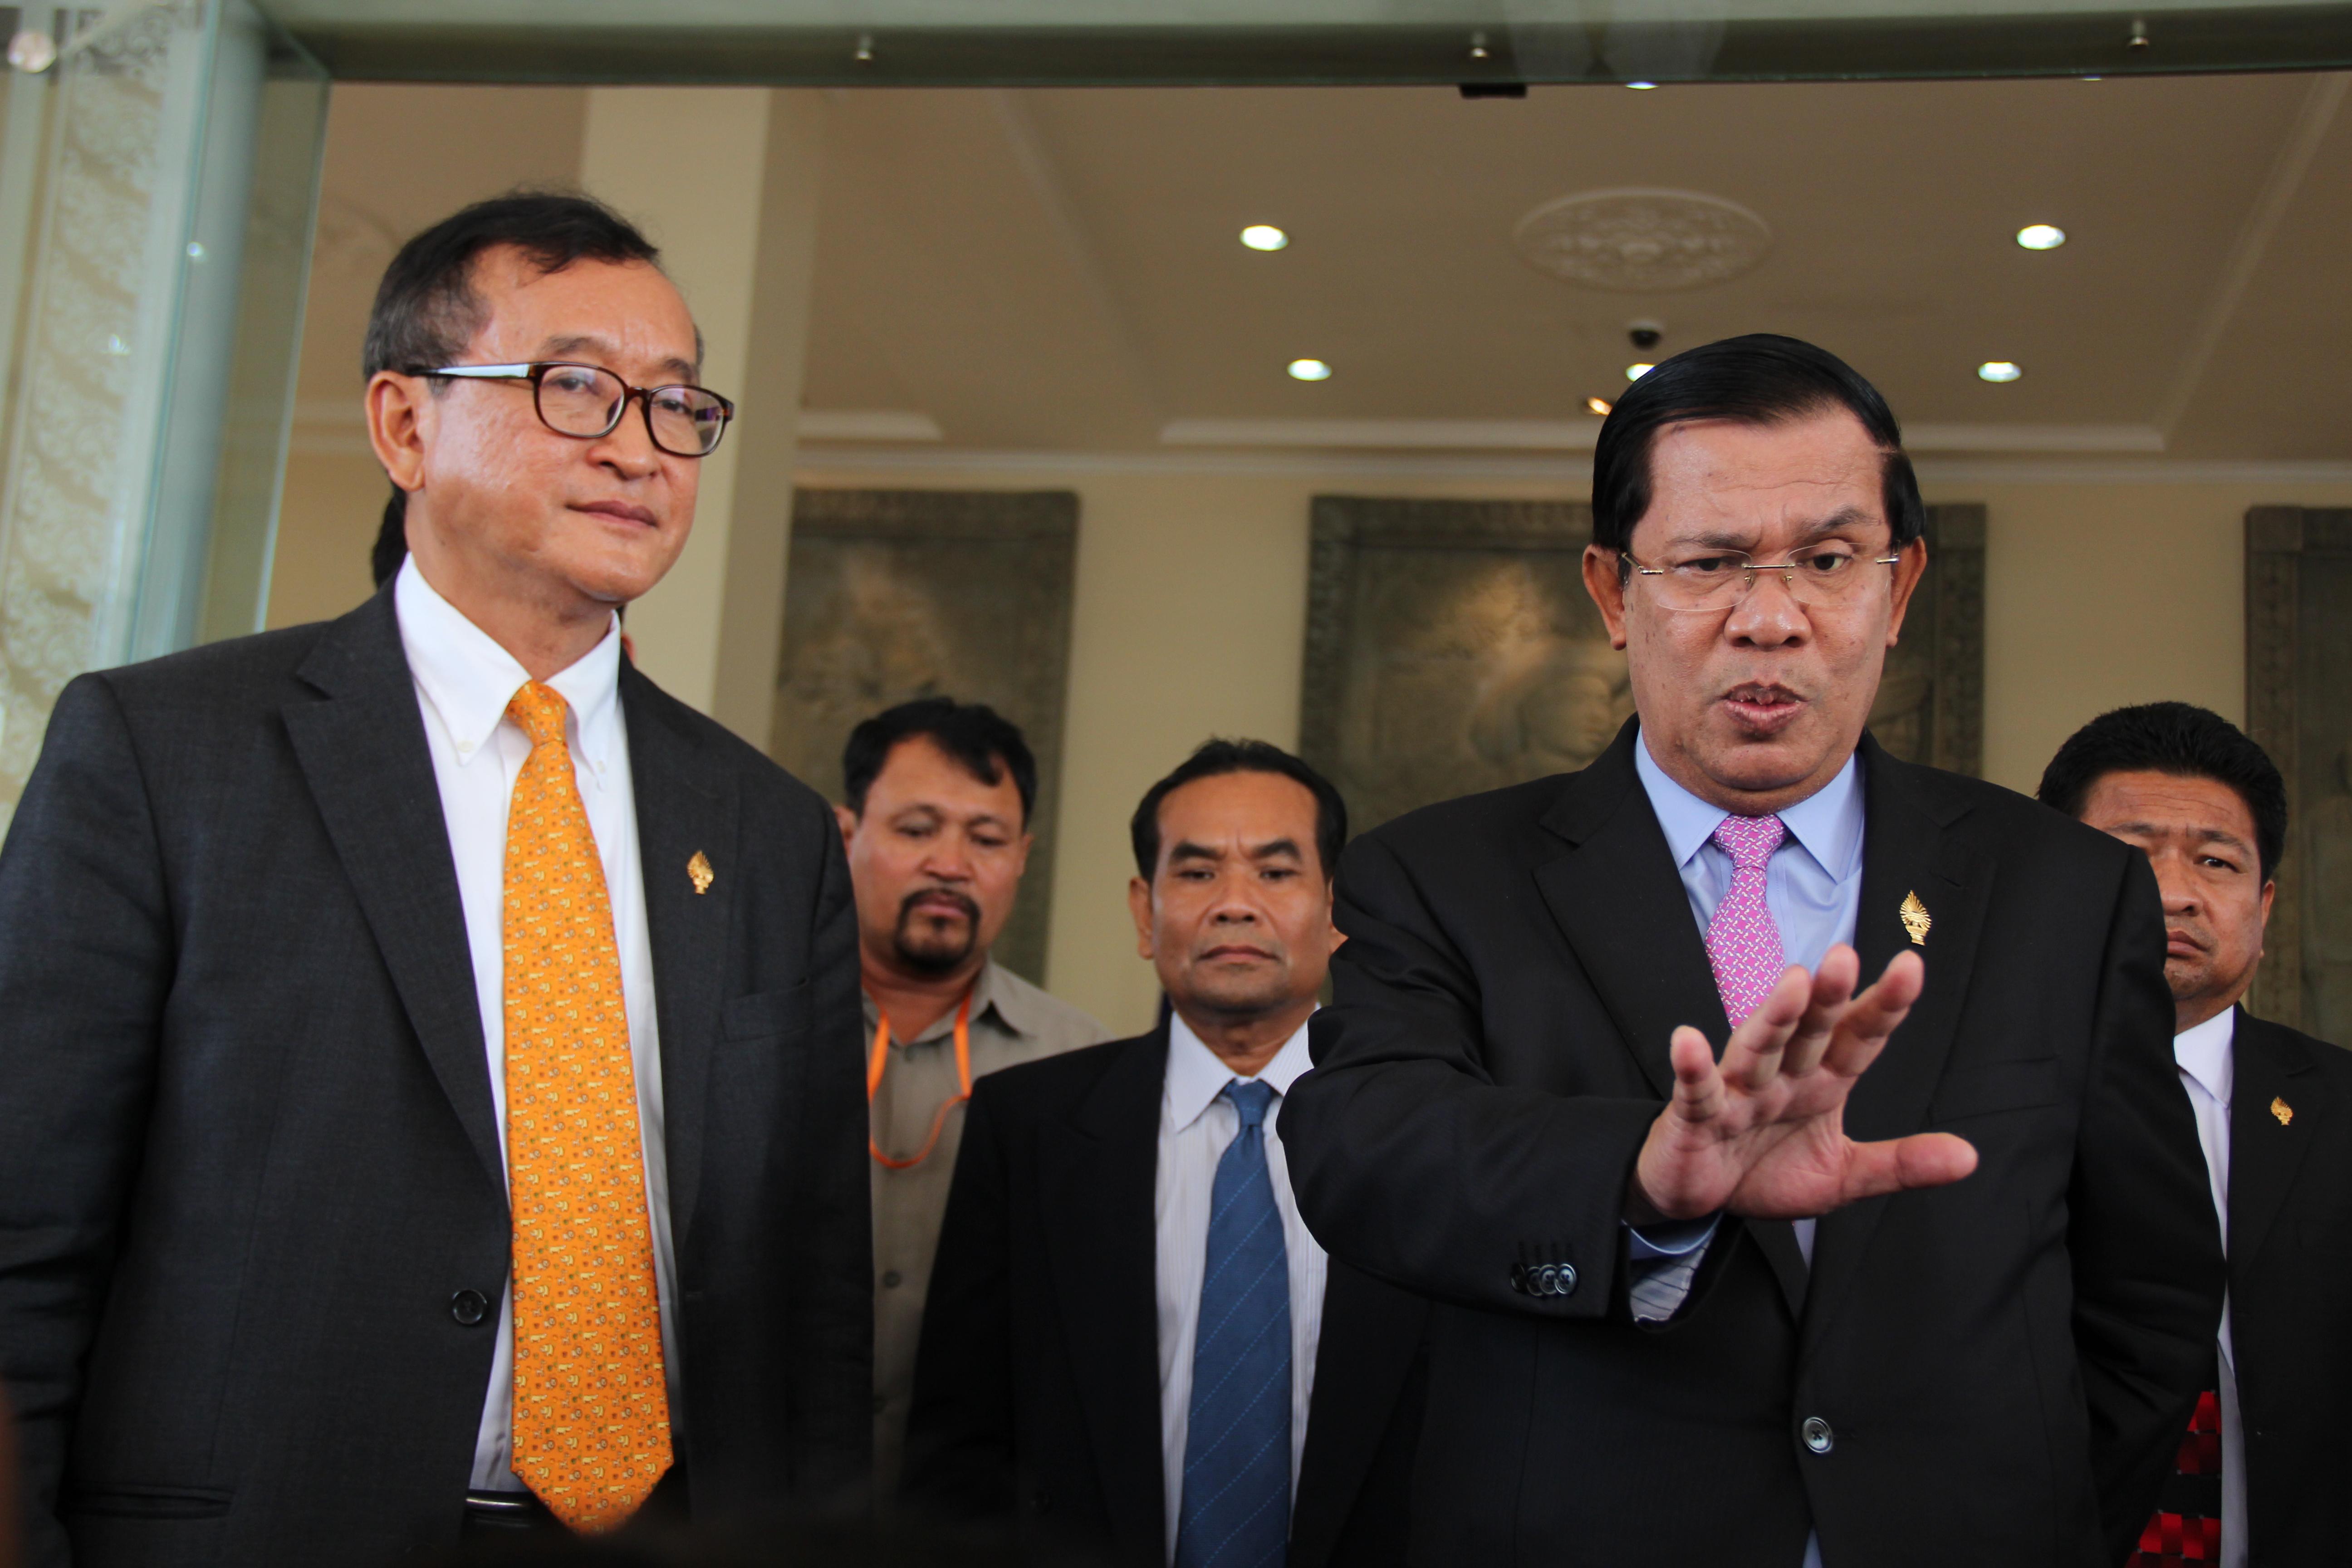 Opposition leader Sam Rainsy, left, and Cambodian Prime Minister Hun Sen